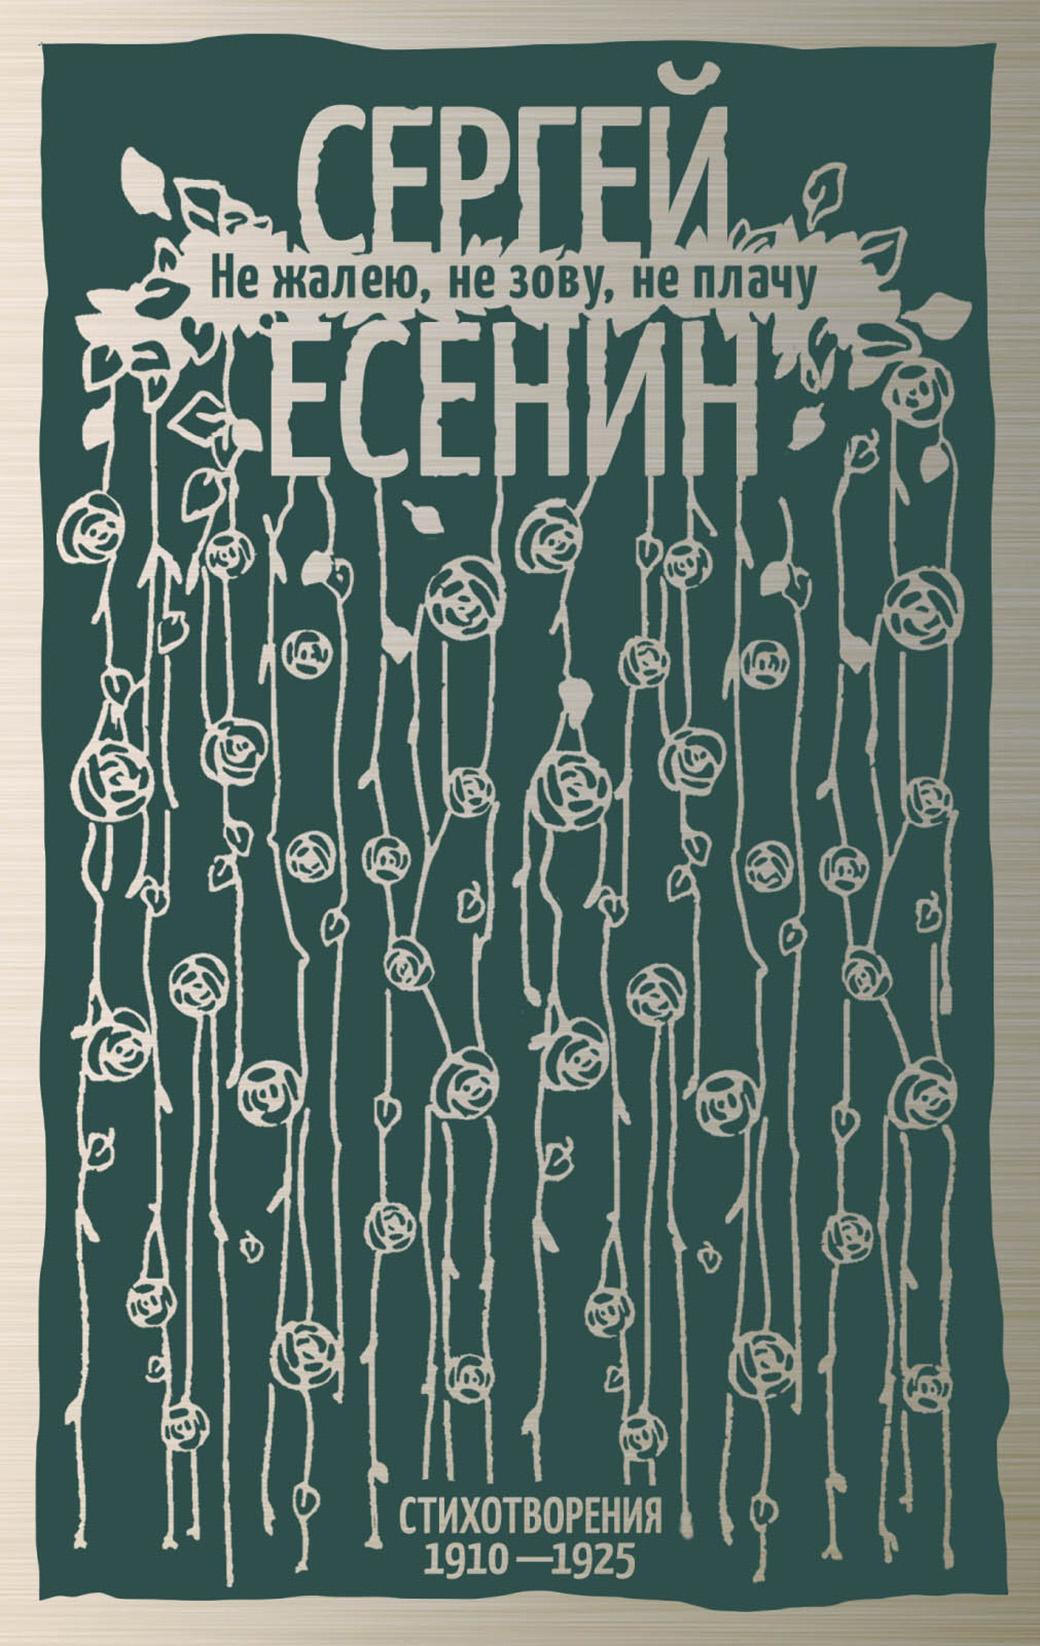 Сергей Есенин Не жалею, не зову, не плачу. Стихотворения 1910-1925 есенин с сергей есенин сочинения 1910 1925 годов